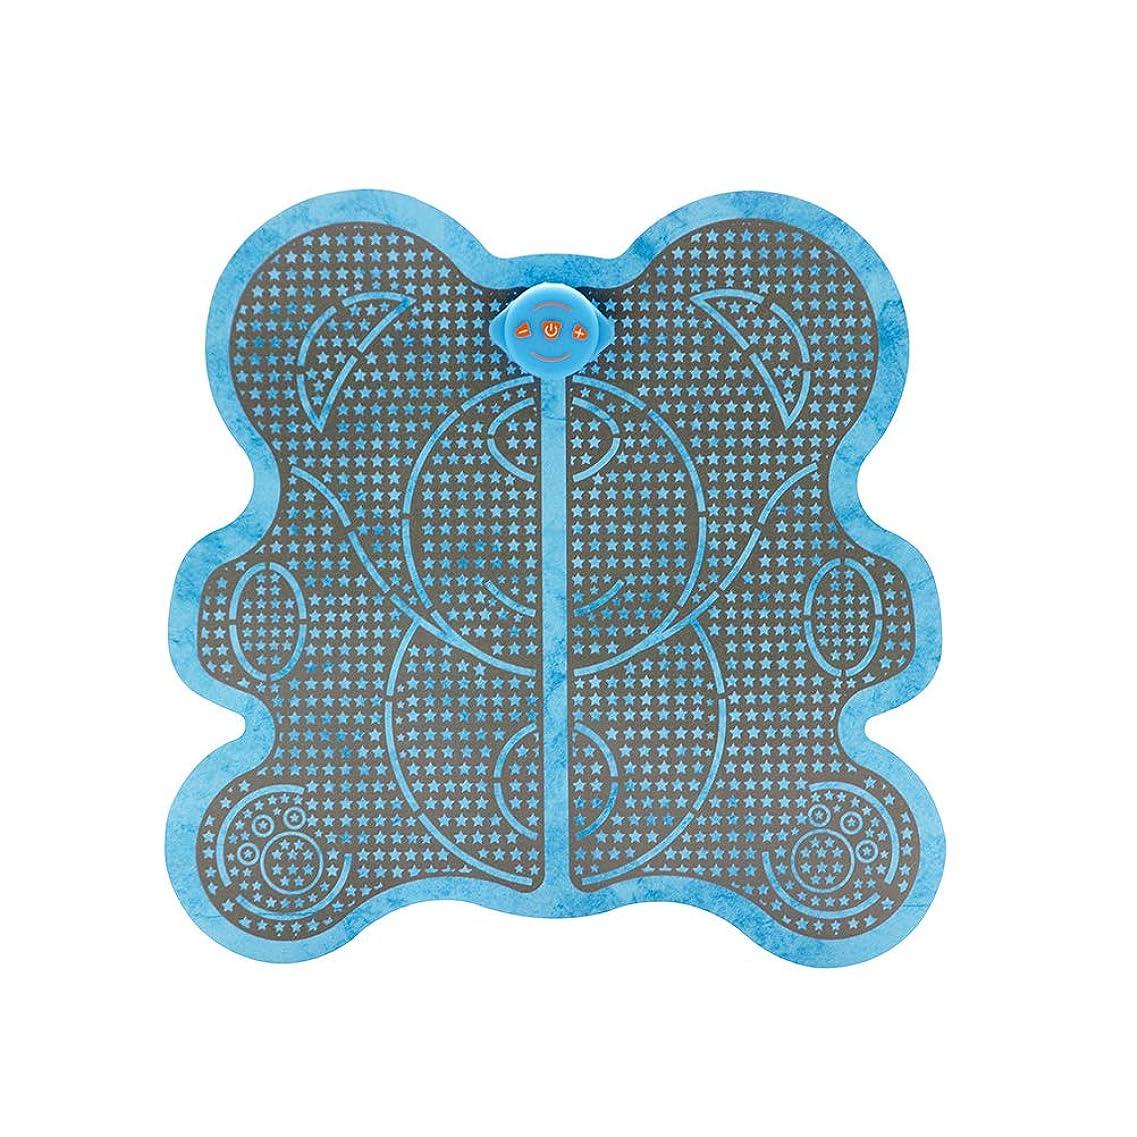 分配します未使用達成Sanwer フットマッサージャー EMS理学療法 フットマッサージクッション 足裏マッサージ機 フットマッサージャー 足指圧マッサージマット EMSリモートコントロール マッサージマット EMSフットマッサージャー 足刺激装置 EMSフットマッサージャークッション 調整可能 電動足裏マッサージ 筋肉刺激 血液循環